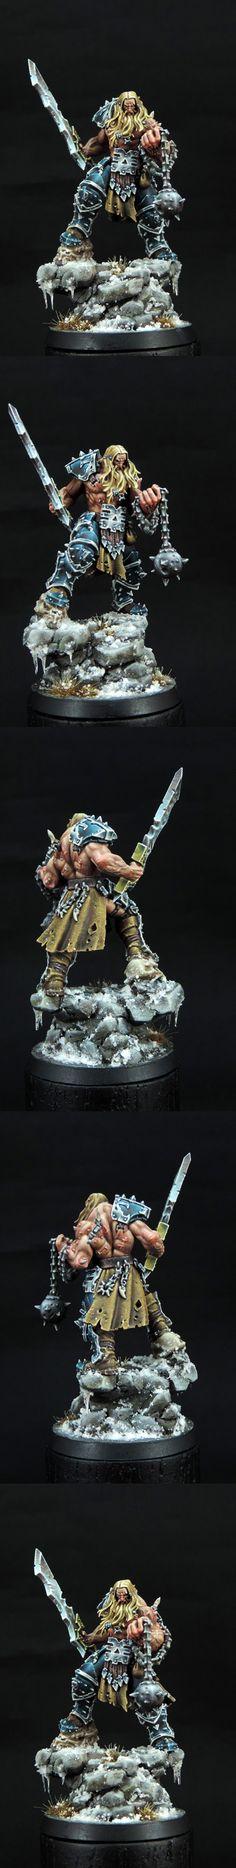 Norsca Berserker